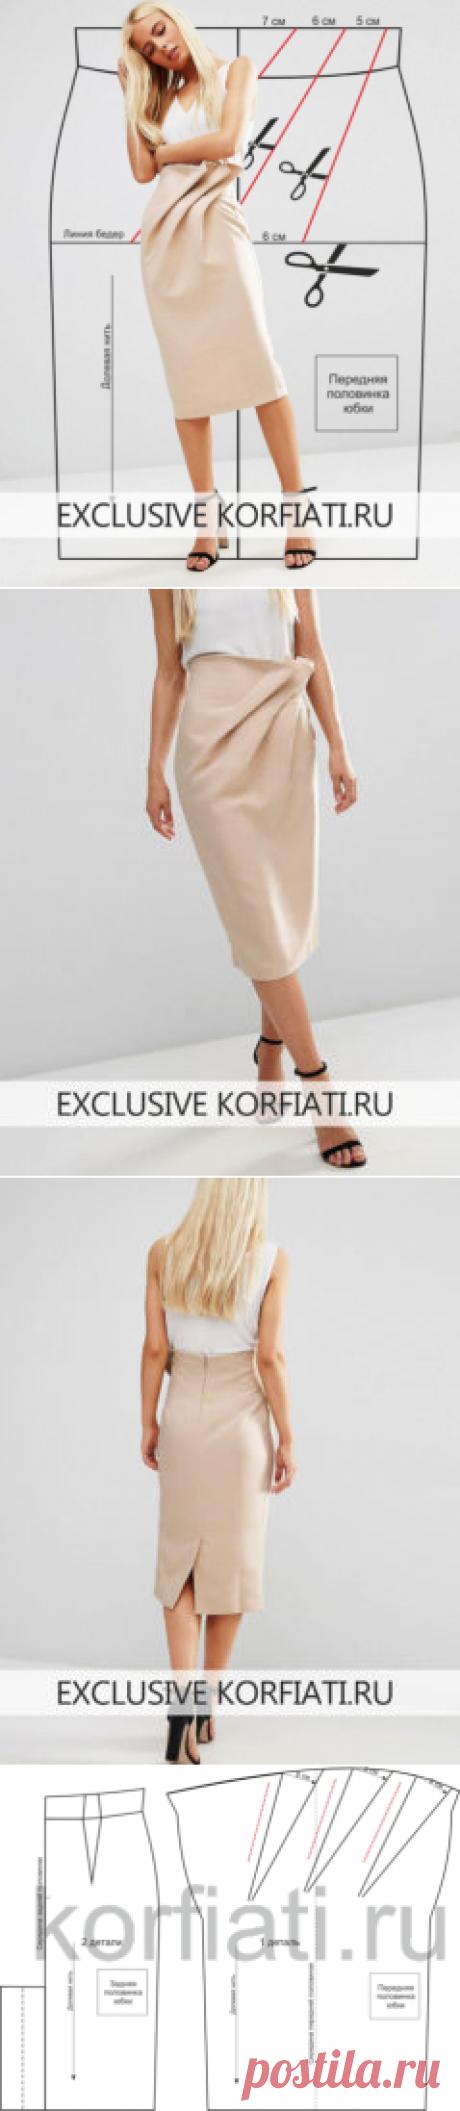 Выкройка юбки с косыми складками от Анастасии Корфиати Для пошива юбки вам потребуется: около 1,1 м однотонного крепа шириной 145 см, 1,1 м сатина в тон для подкладки, потайная застежка-молния.